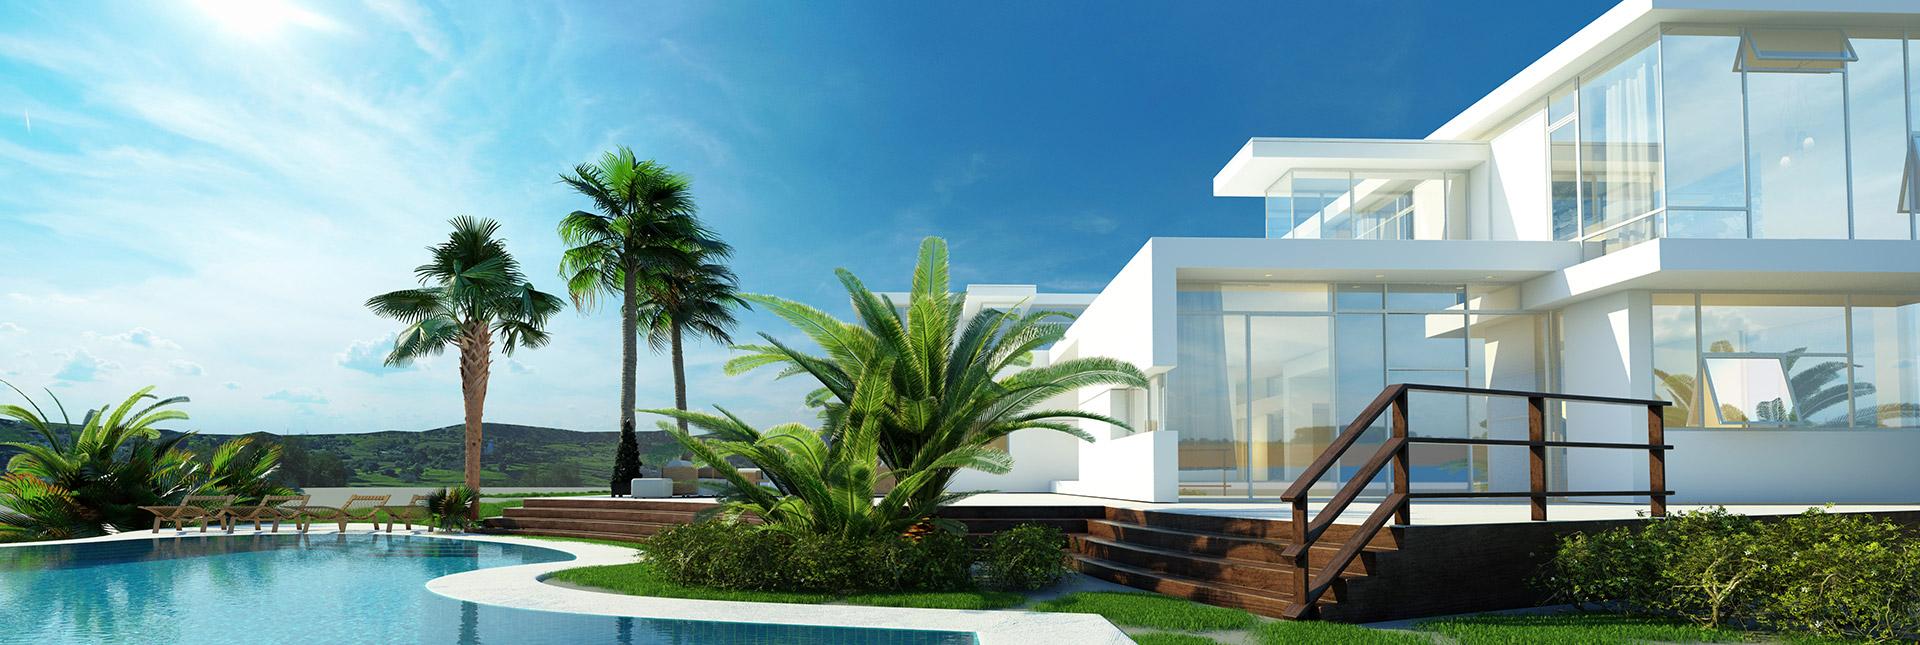 real-estate-bg